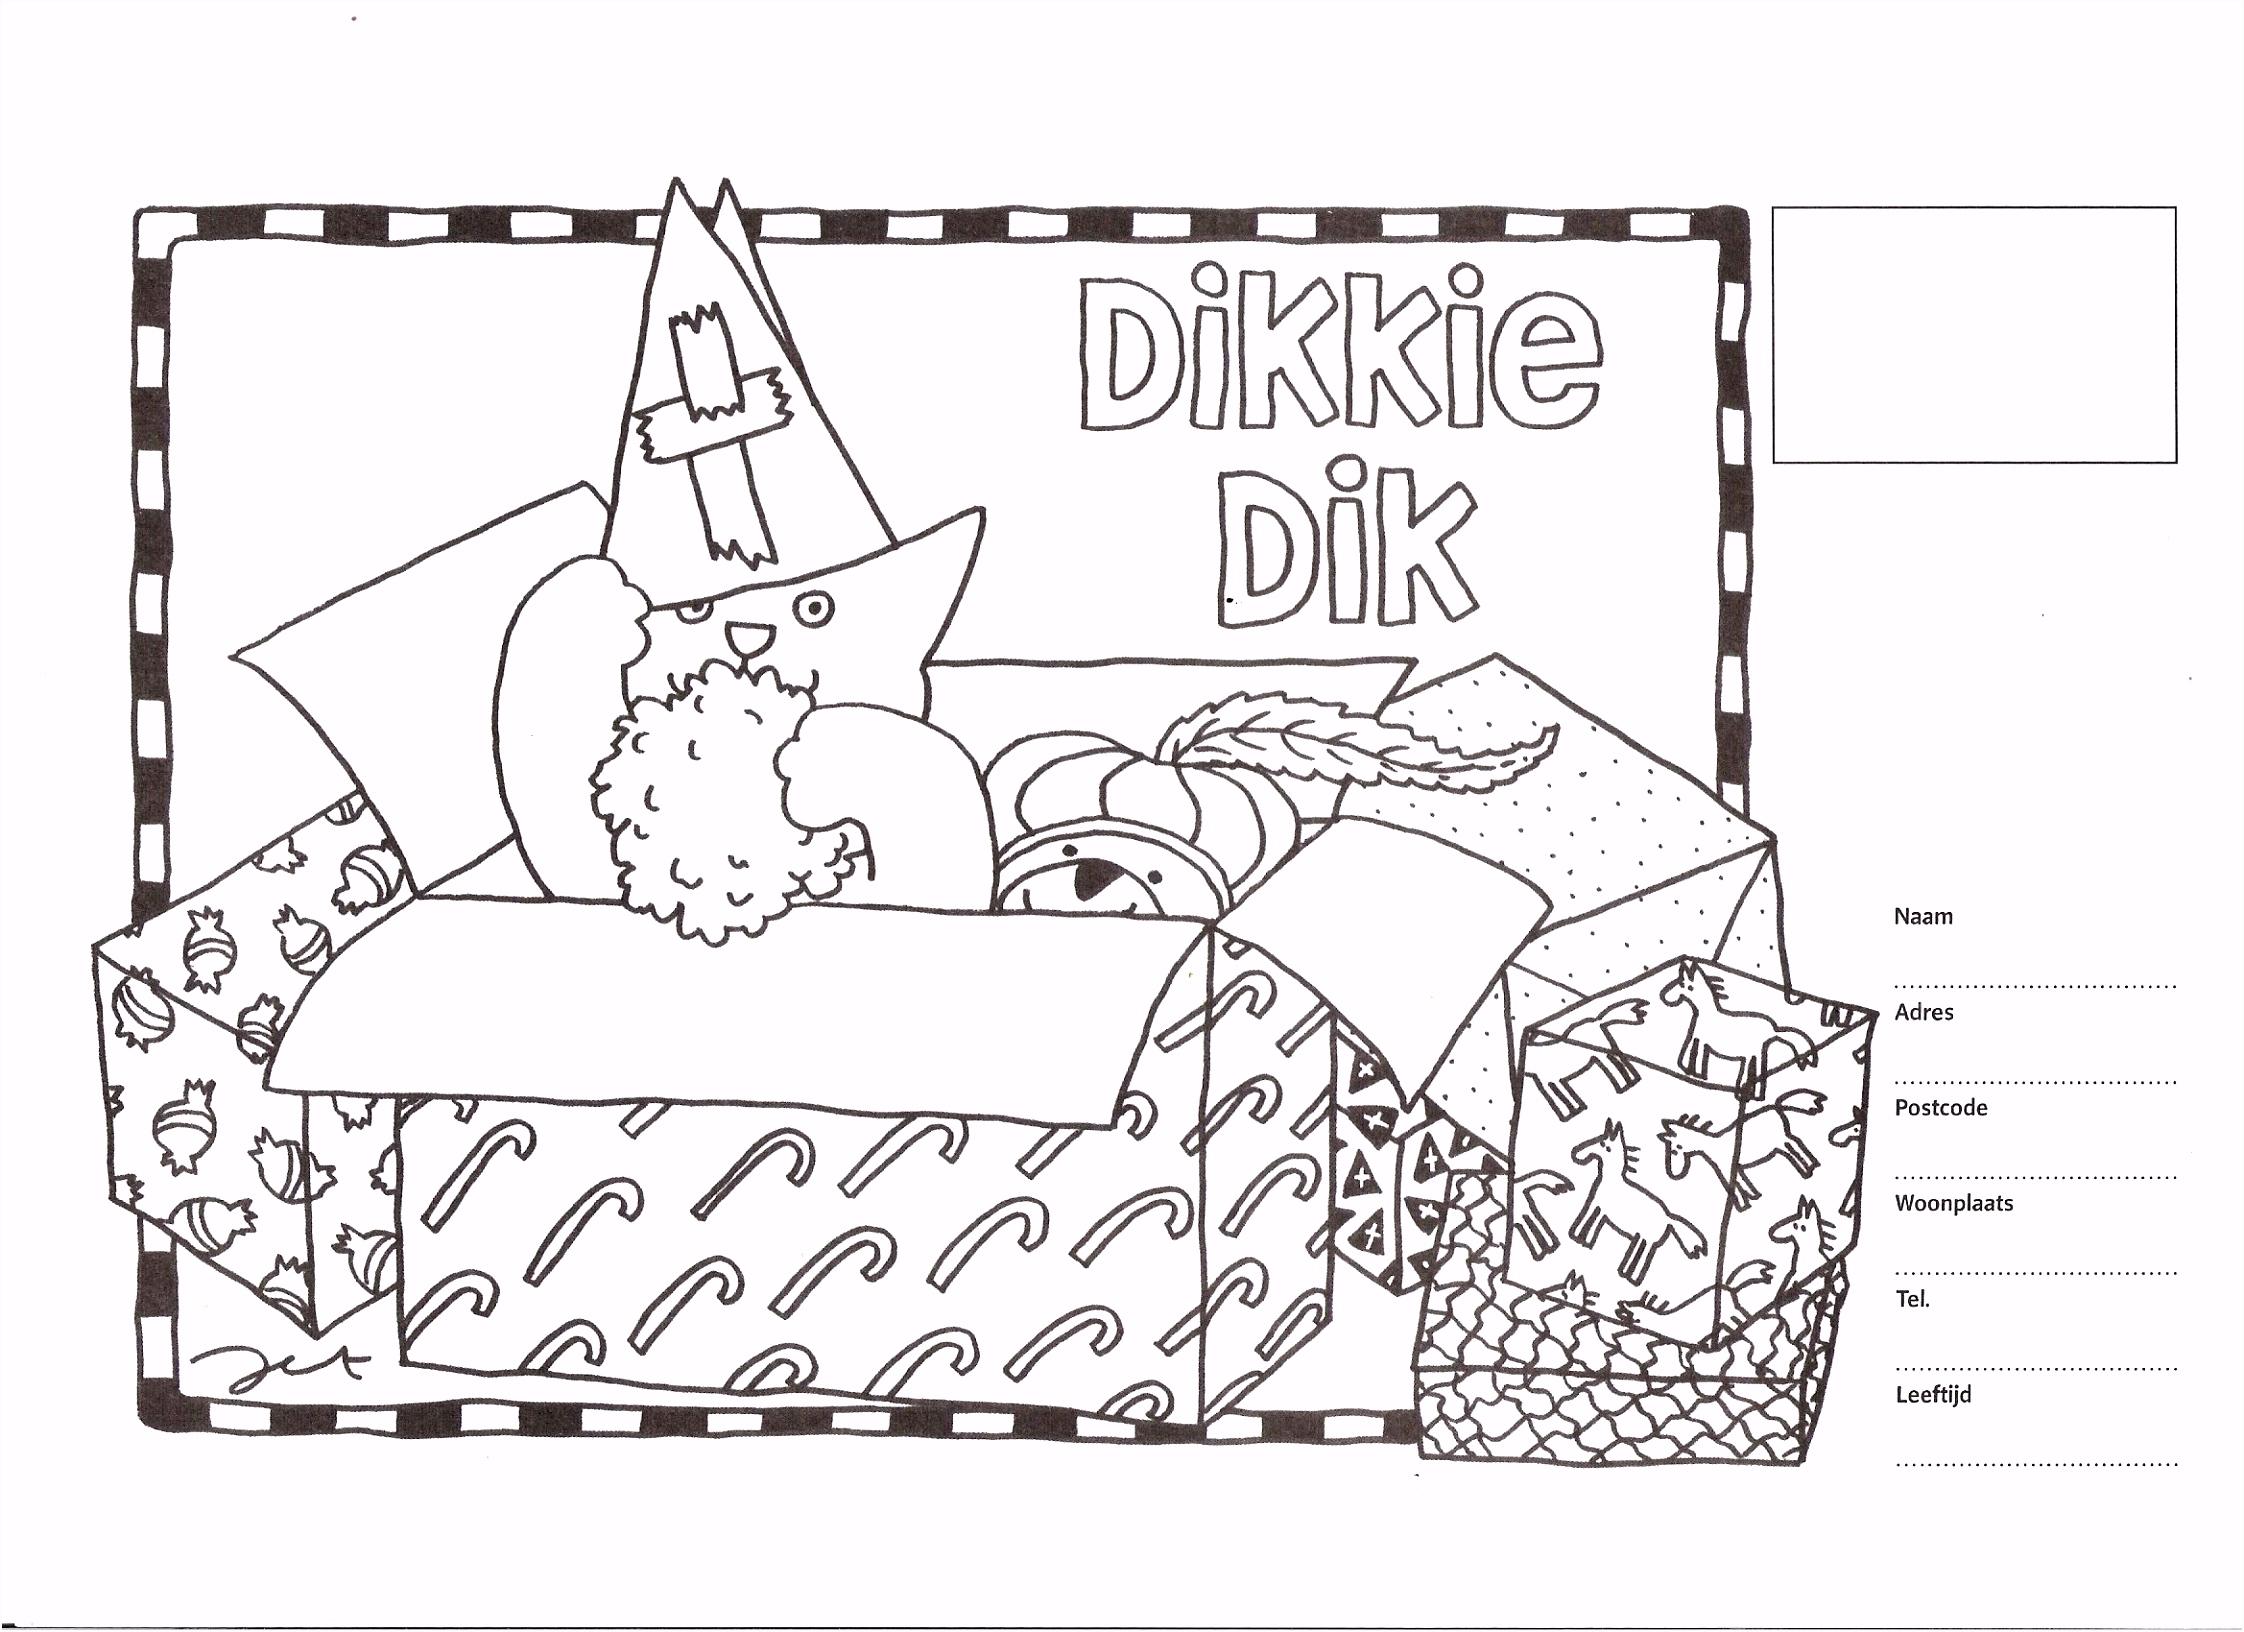 Sinterklaas Kleurplaten Pdf Dikkie Dik Sinterklaas Kleurplaat Archidev X9yf66isw2 J5dvv2kyes